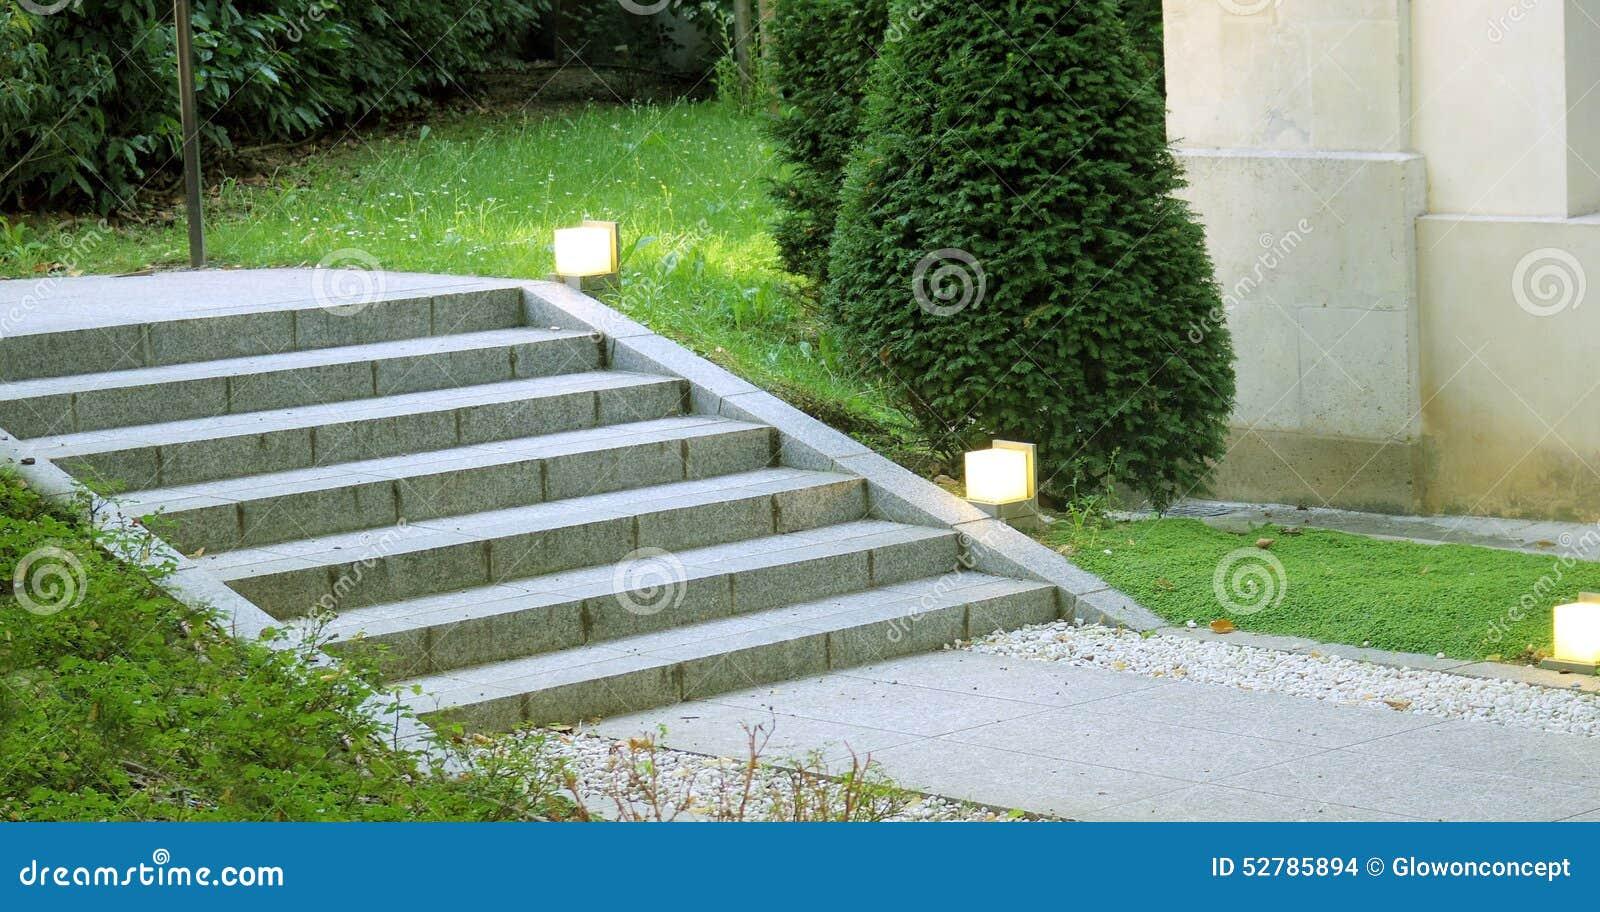 iluminacao jardim verde:Escada Do Projeto Da Paisagem Do Jardim Com Luz Foto de Stock – Imagem